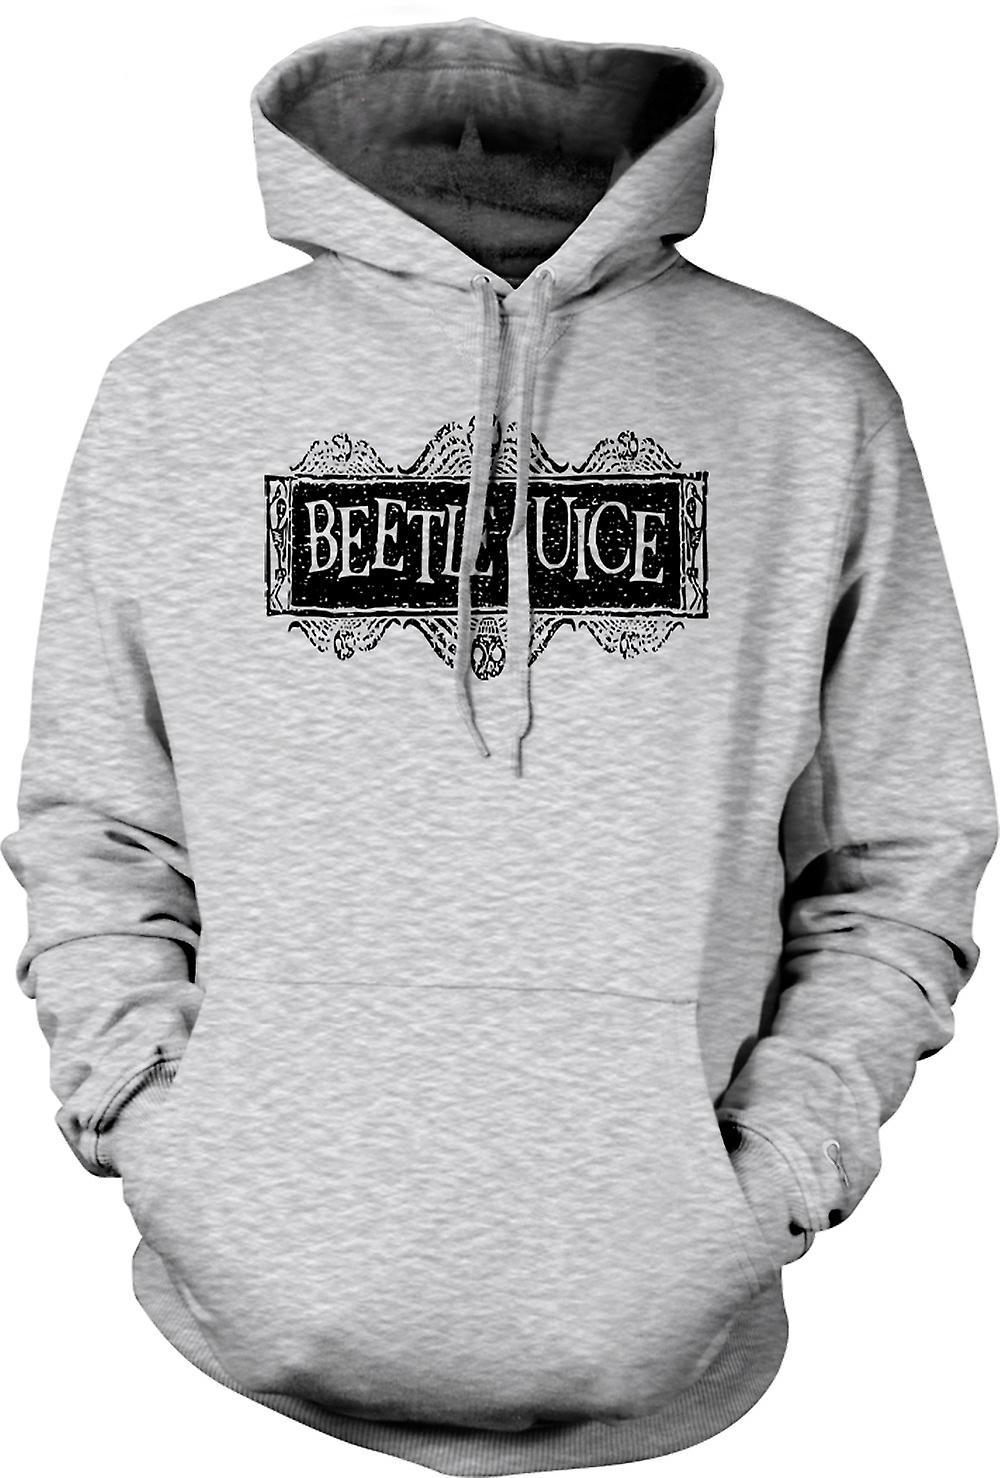 Mens Hoodie - Beetlejuice - komedi - skräck - Funny